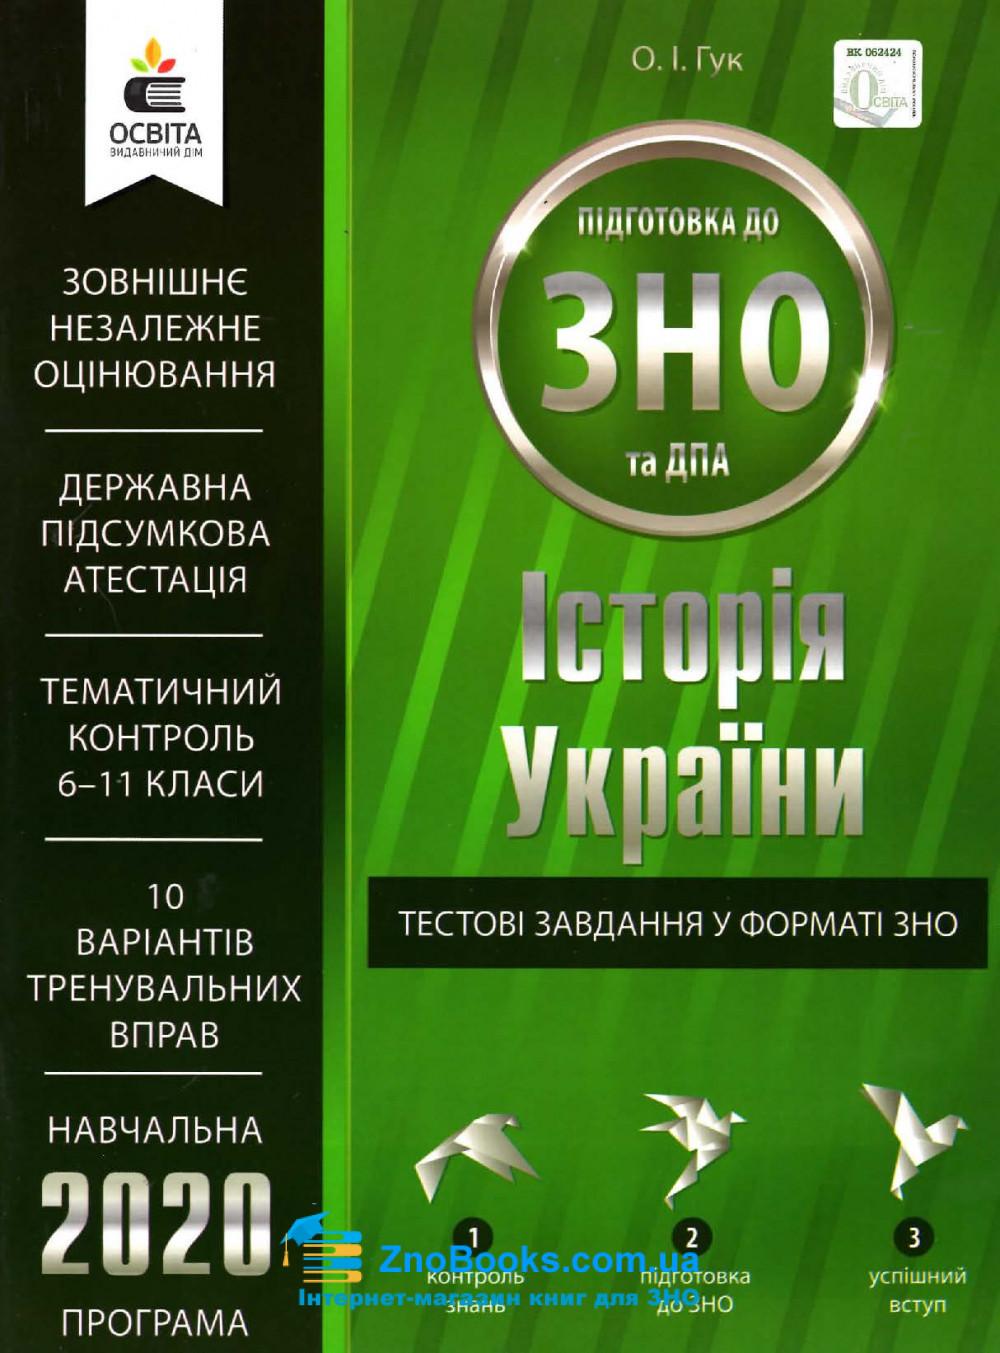 Історія України. Тестові завдання у форматі ЗНО 2021: Гук О. Освіта. купити 0